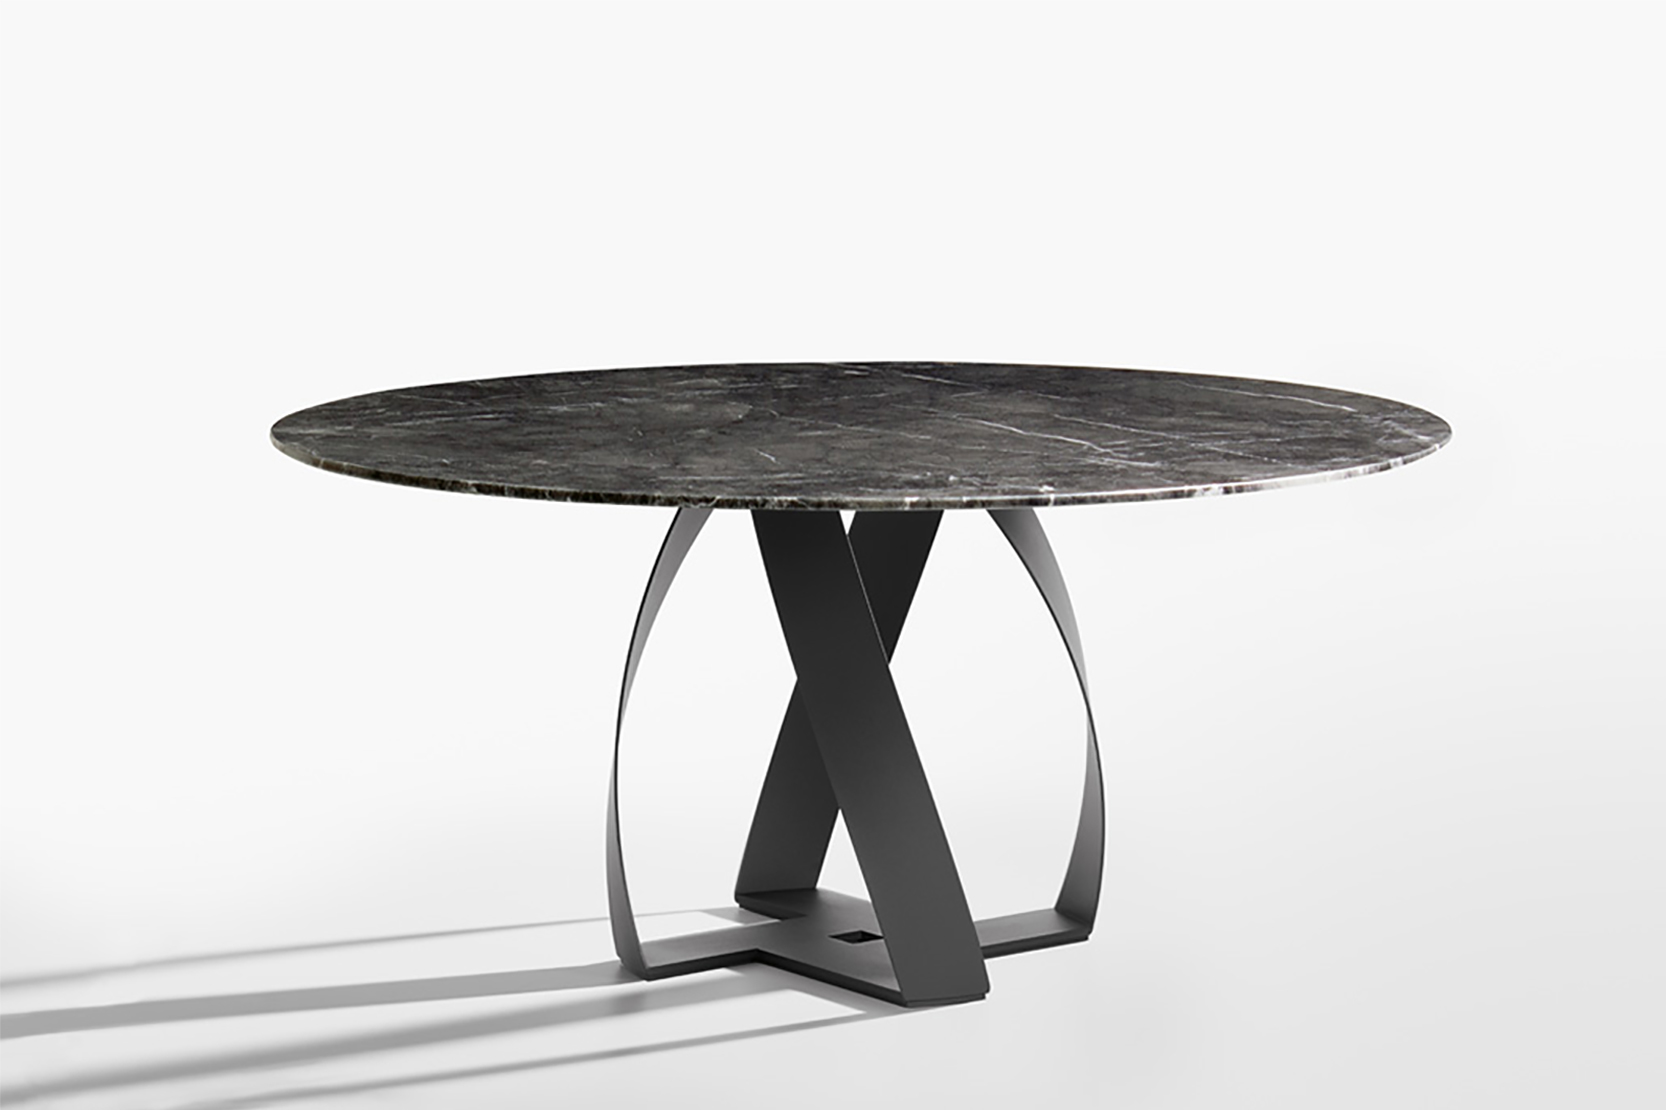 bon bon dining table I